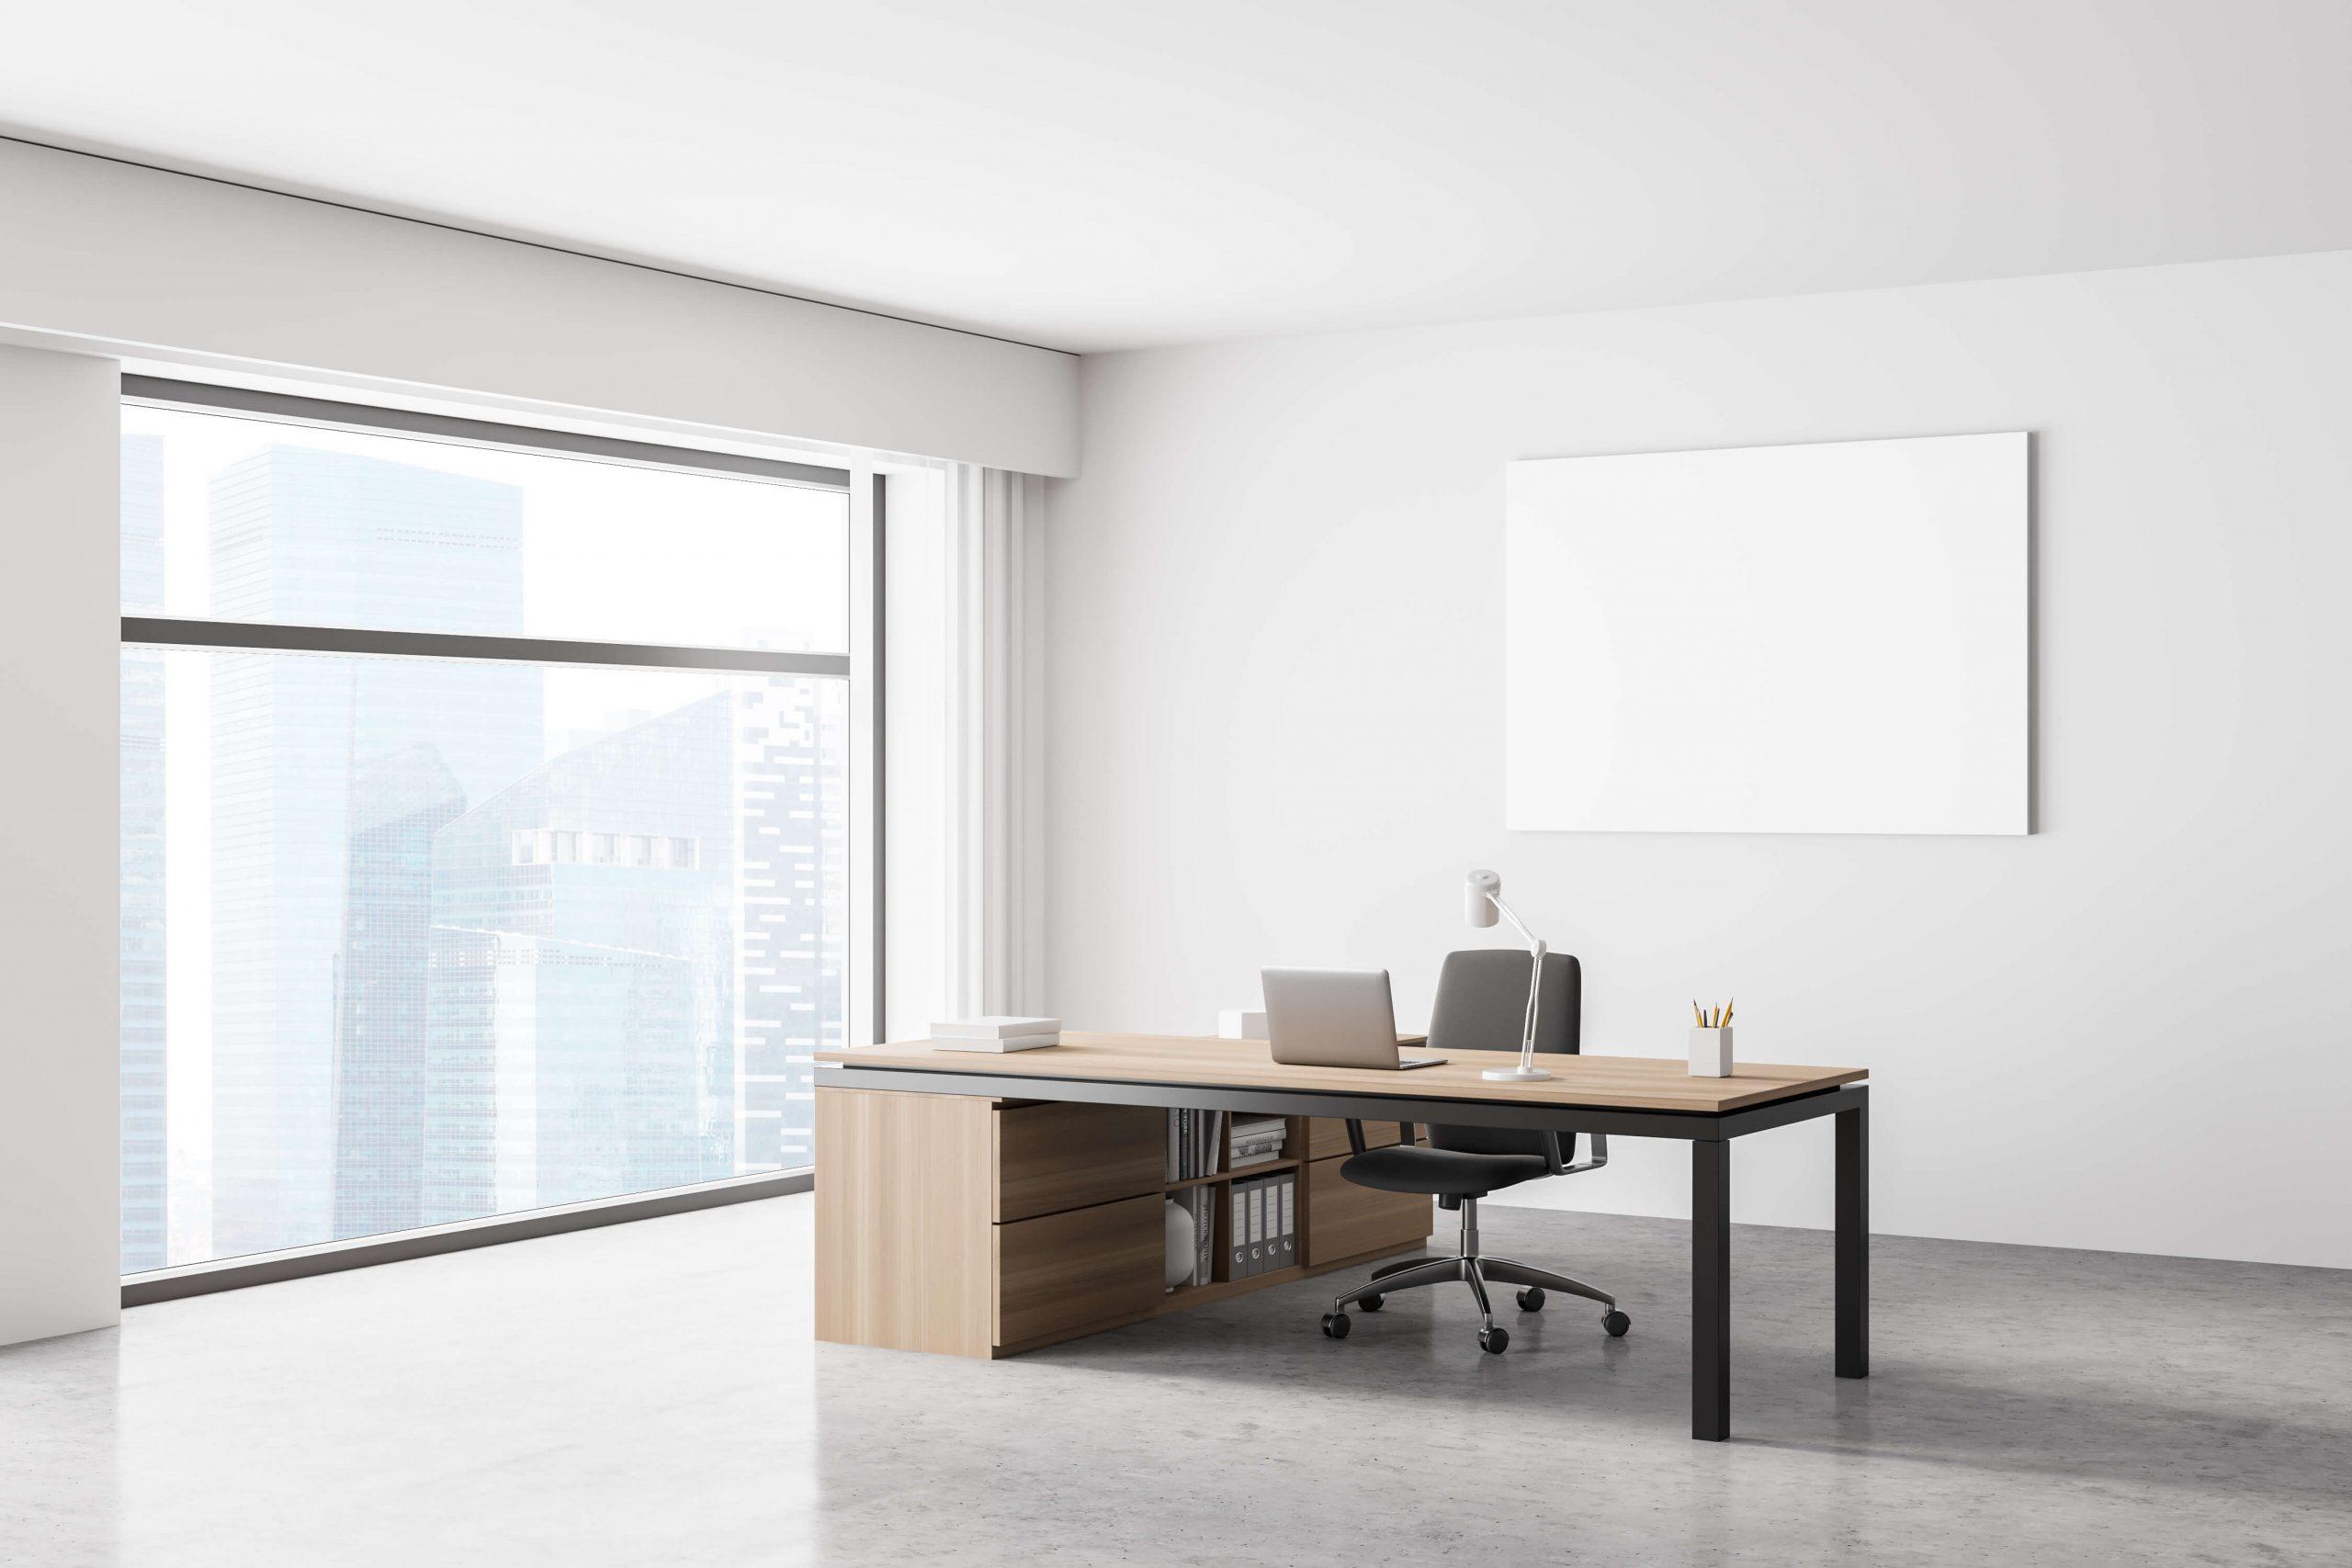 Jakie korzyści daje czyste biuro?